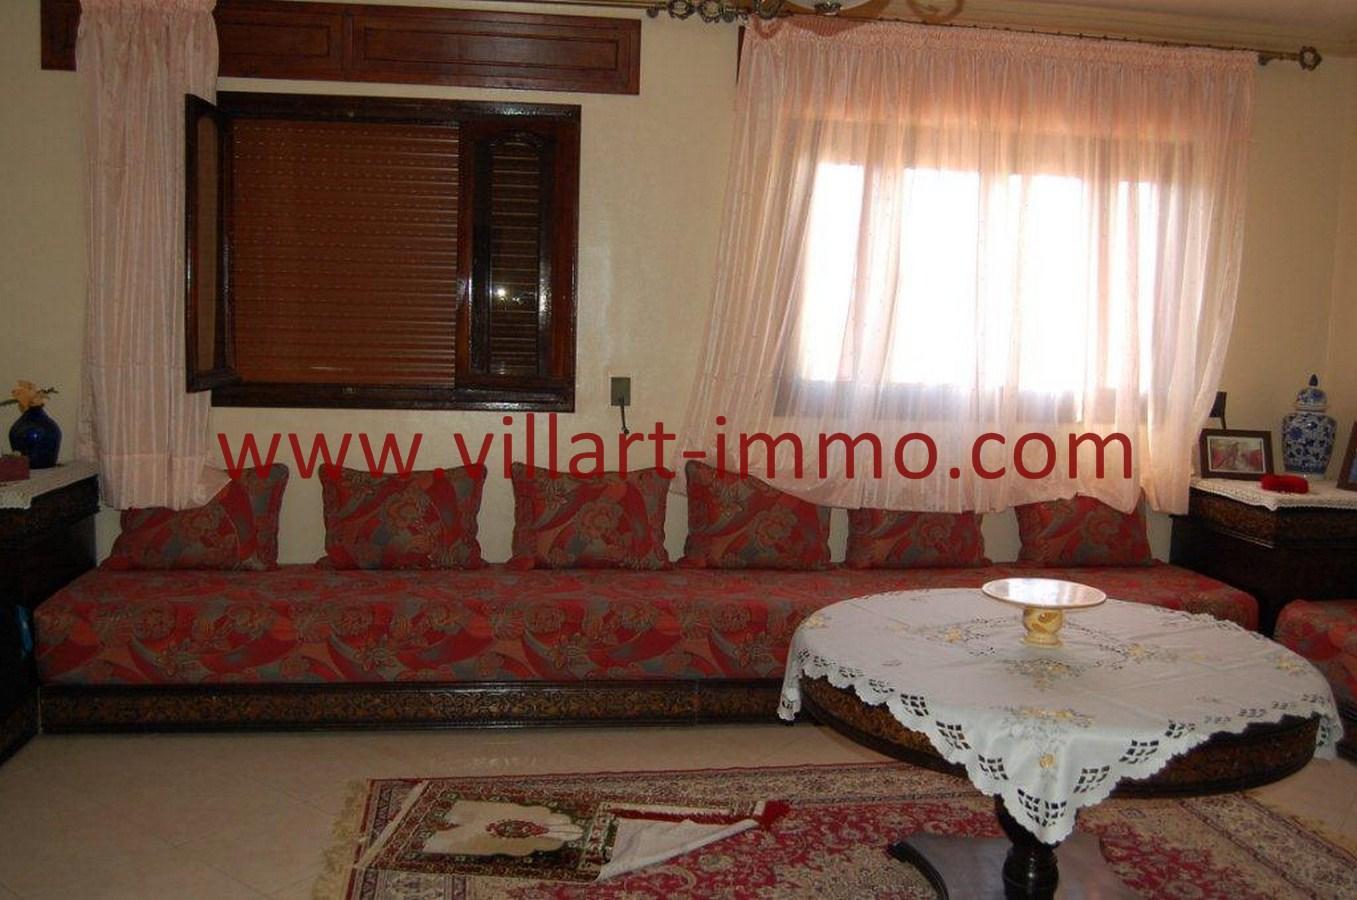 11-Vente-Villa-Tanger-Mojahidin-Salon 3-VV512-Villart Imm